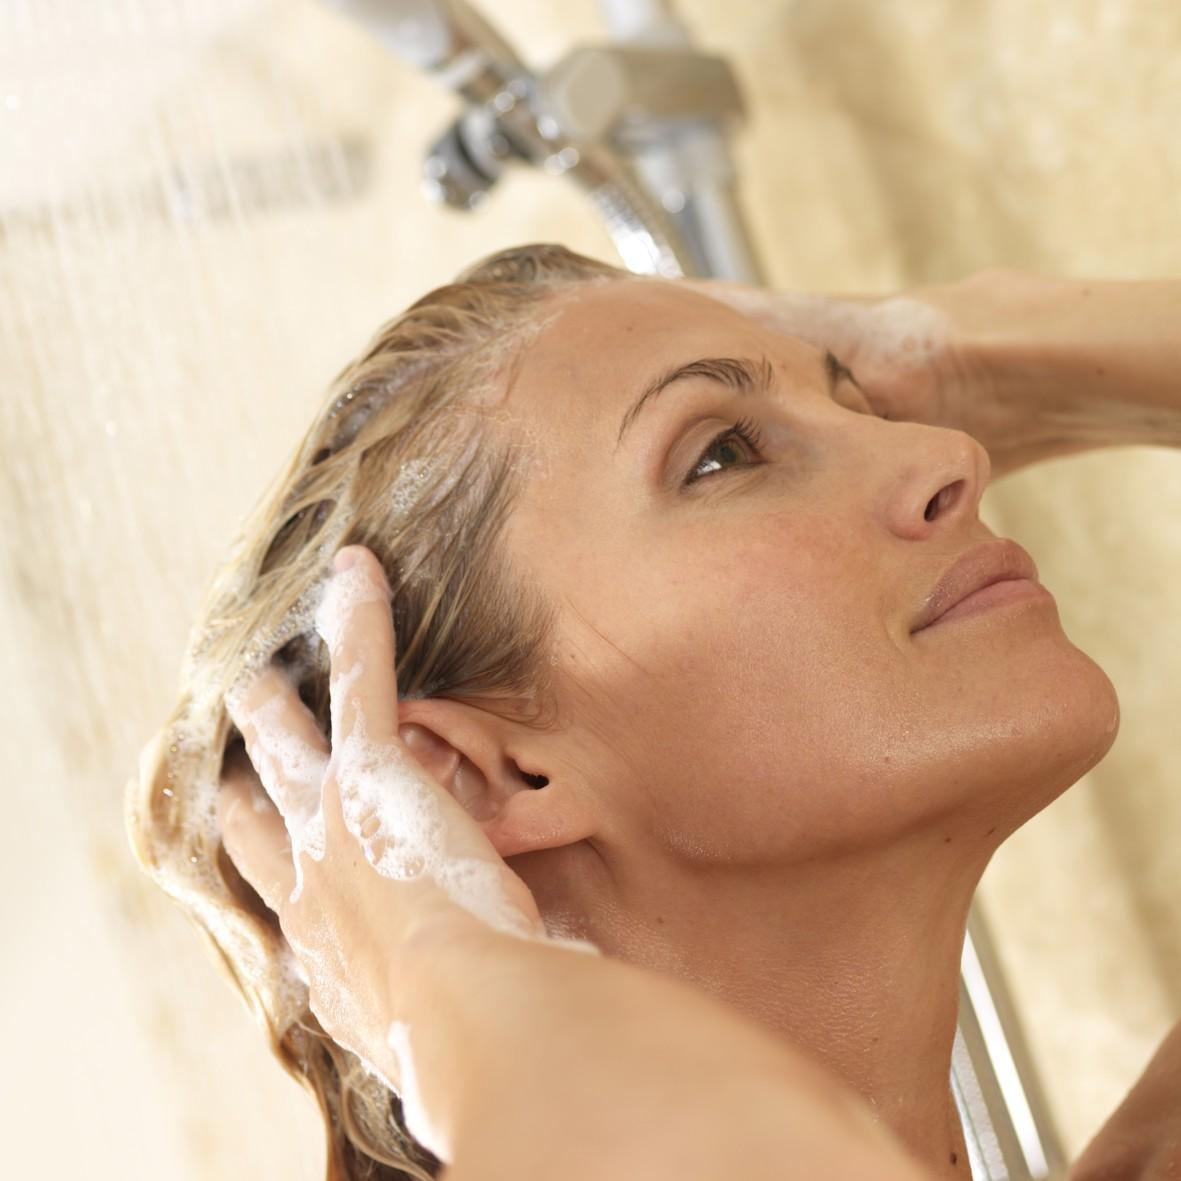 Capelli bellissimi con lo shampoo giusto, i consigli